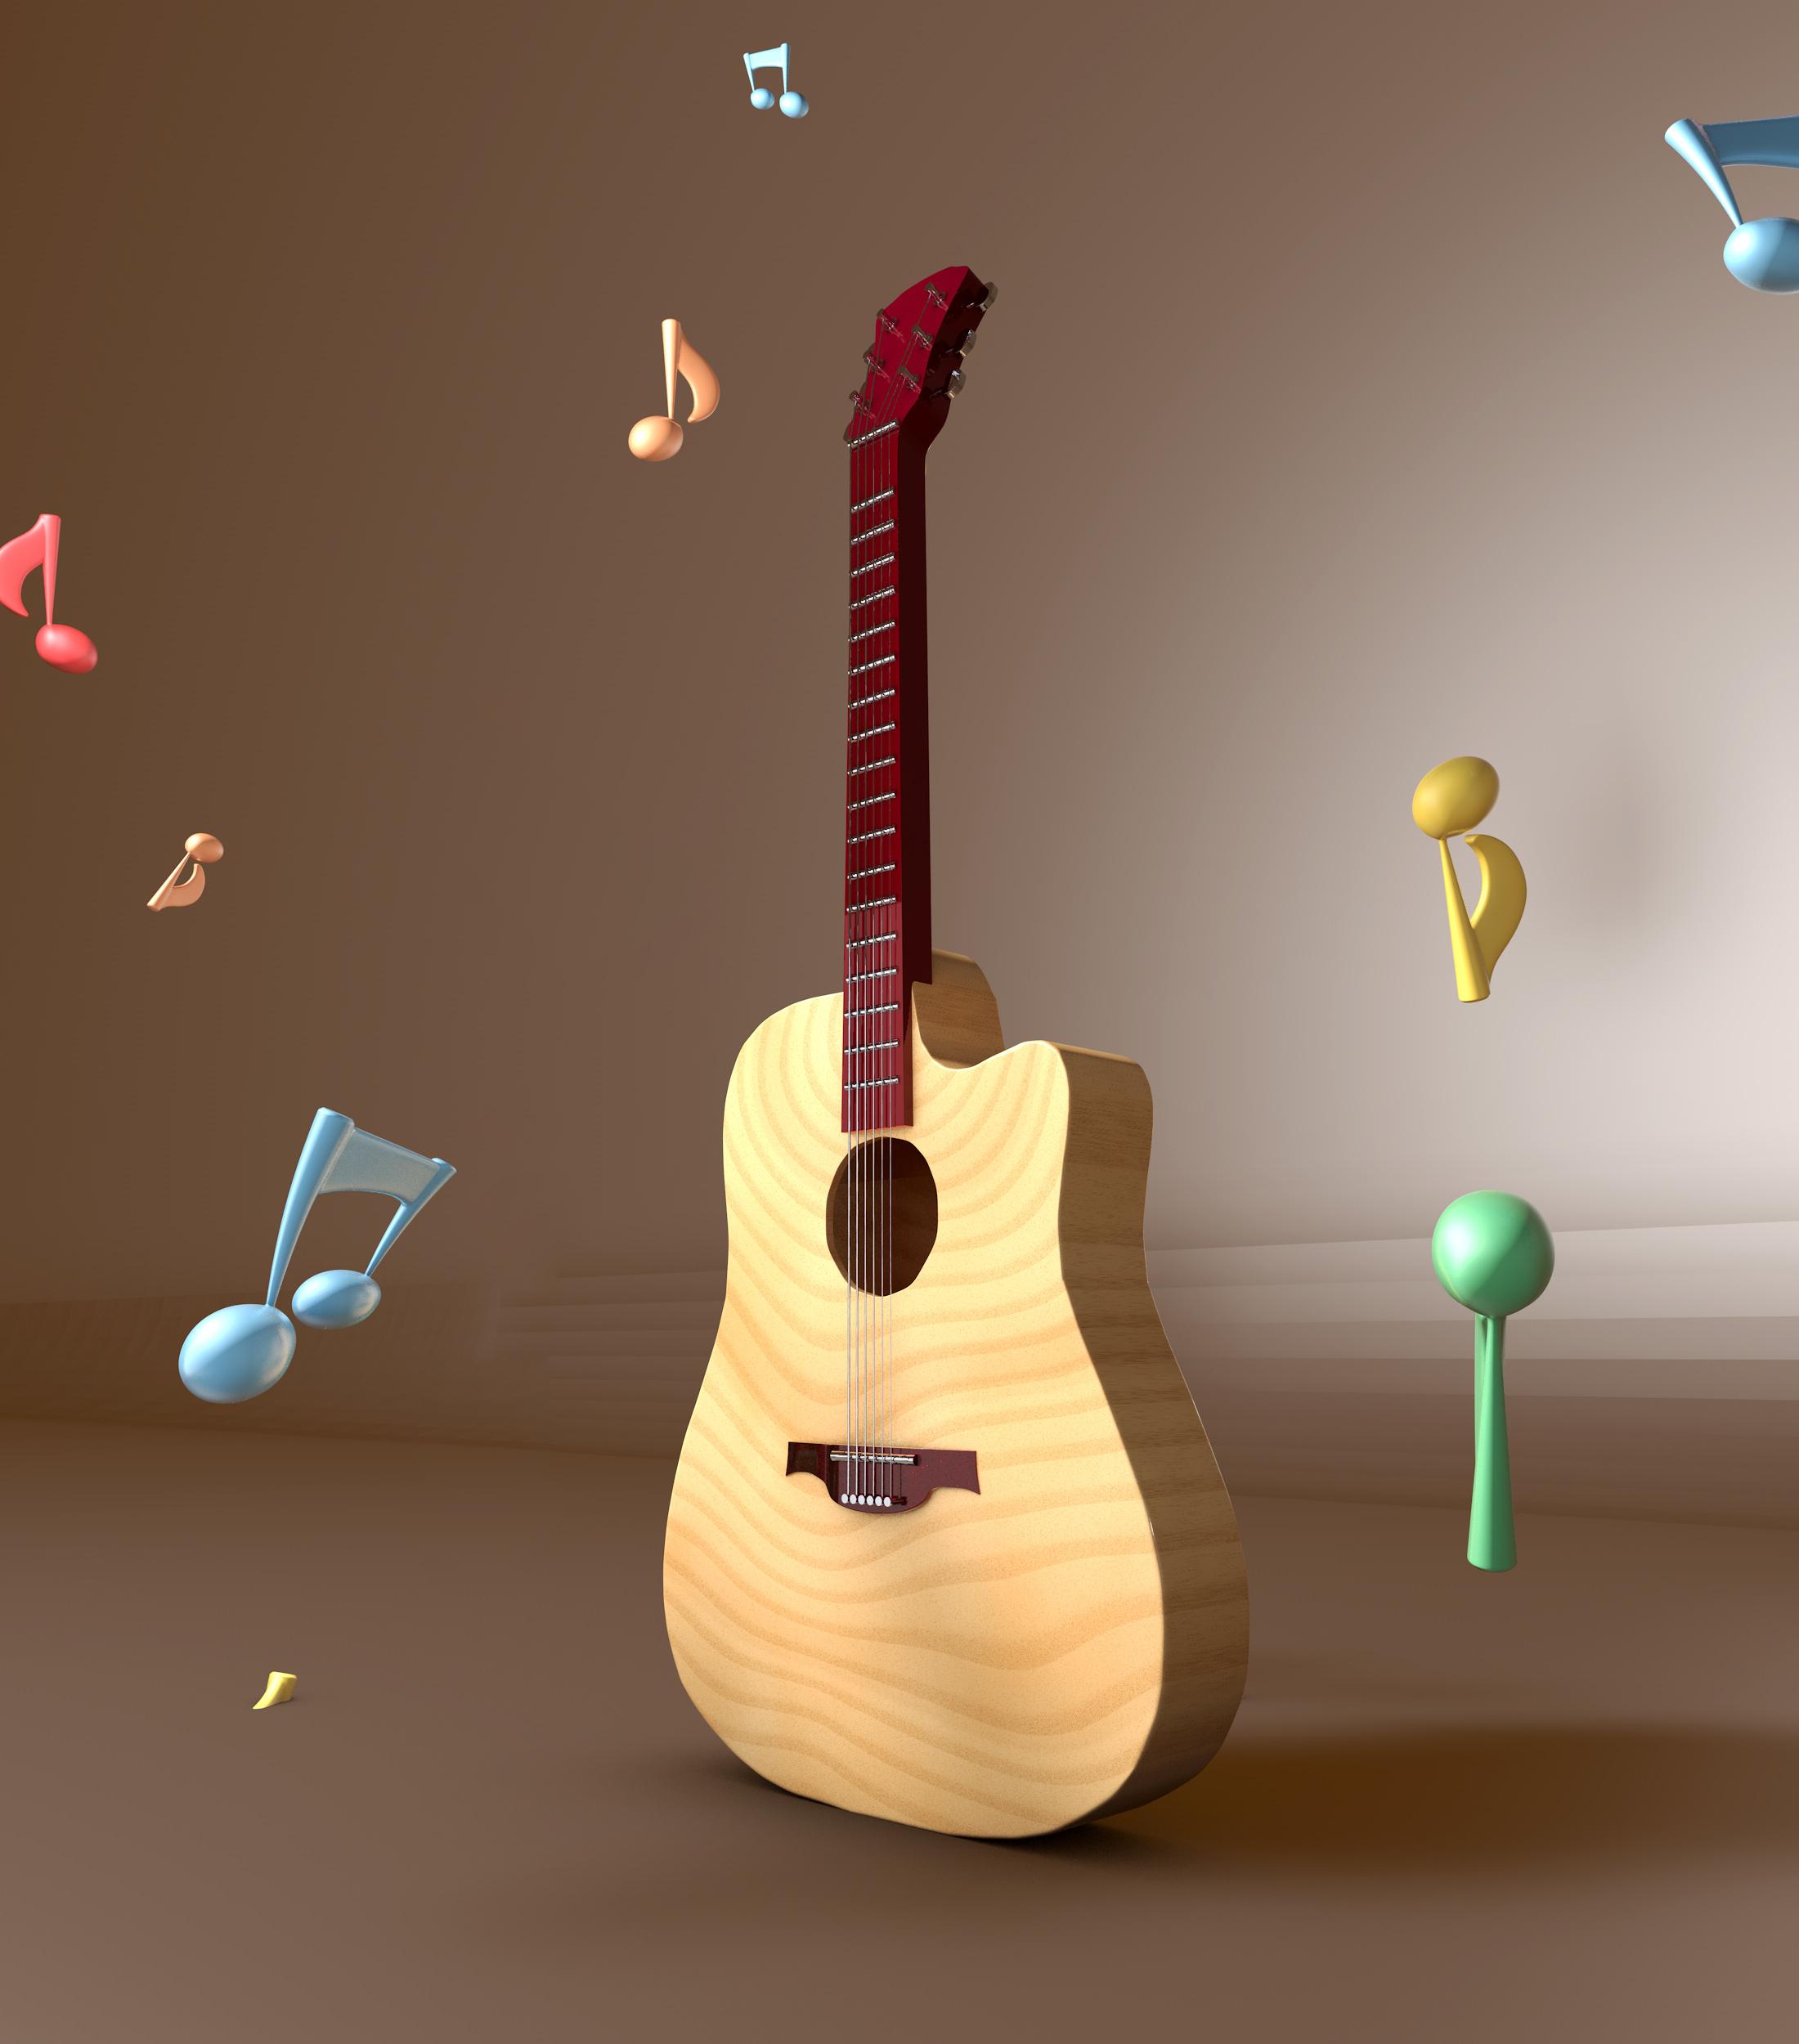 儿童手工制作小乐器 吉他